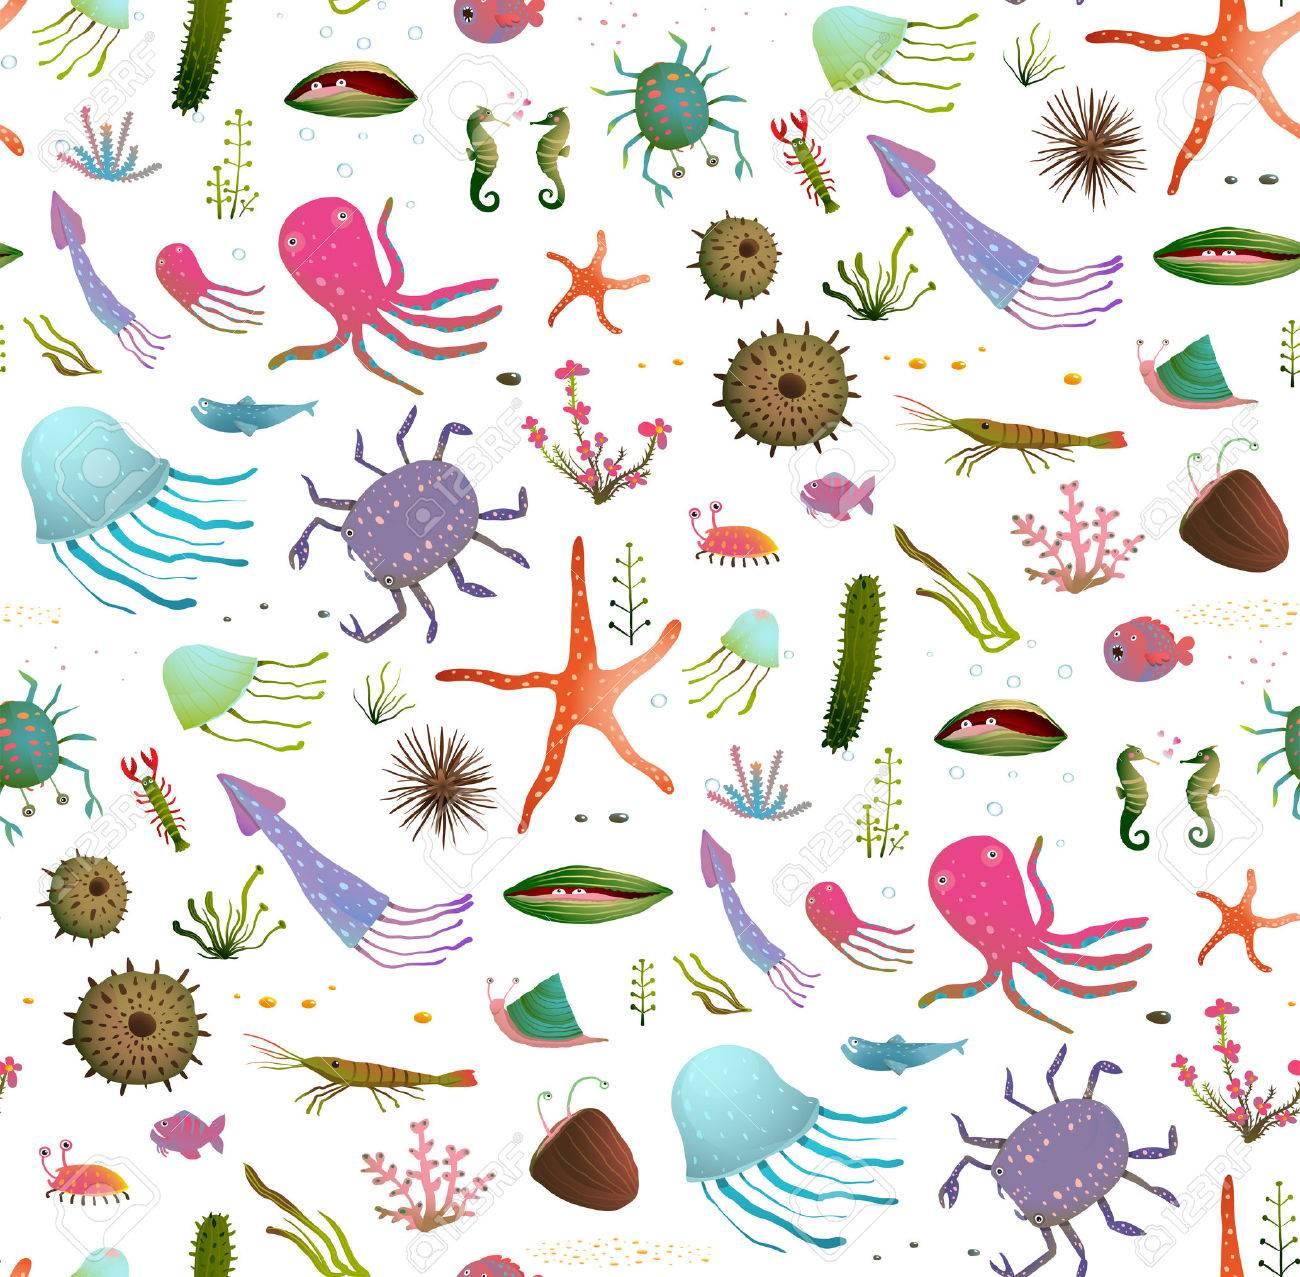 カラフルな子供の漫画の海生活のシームレスなパターン背景白地。幼稚な